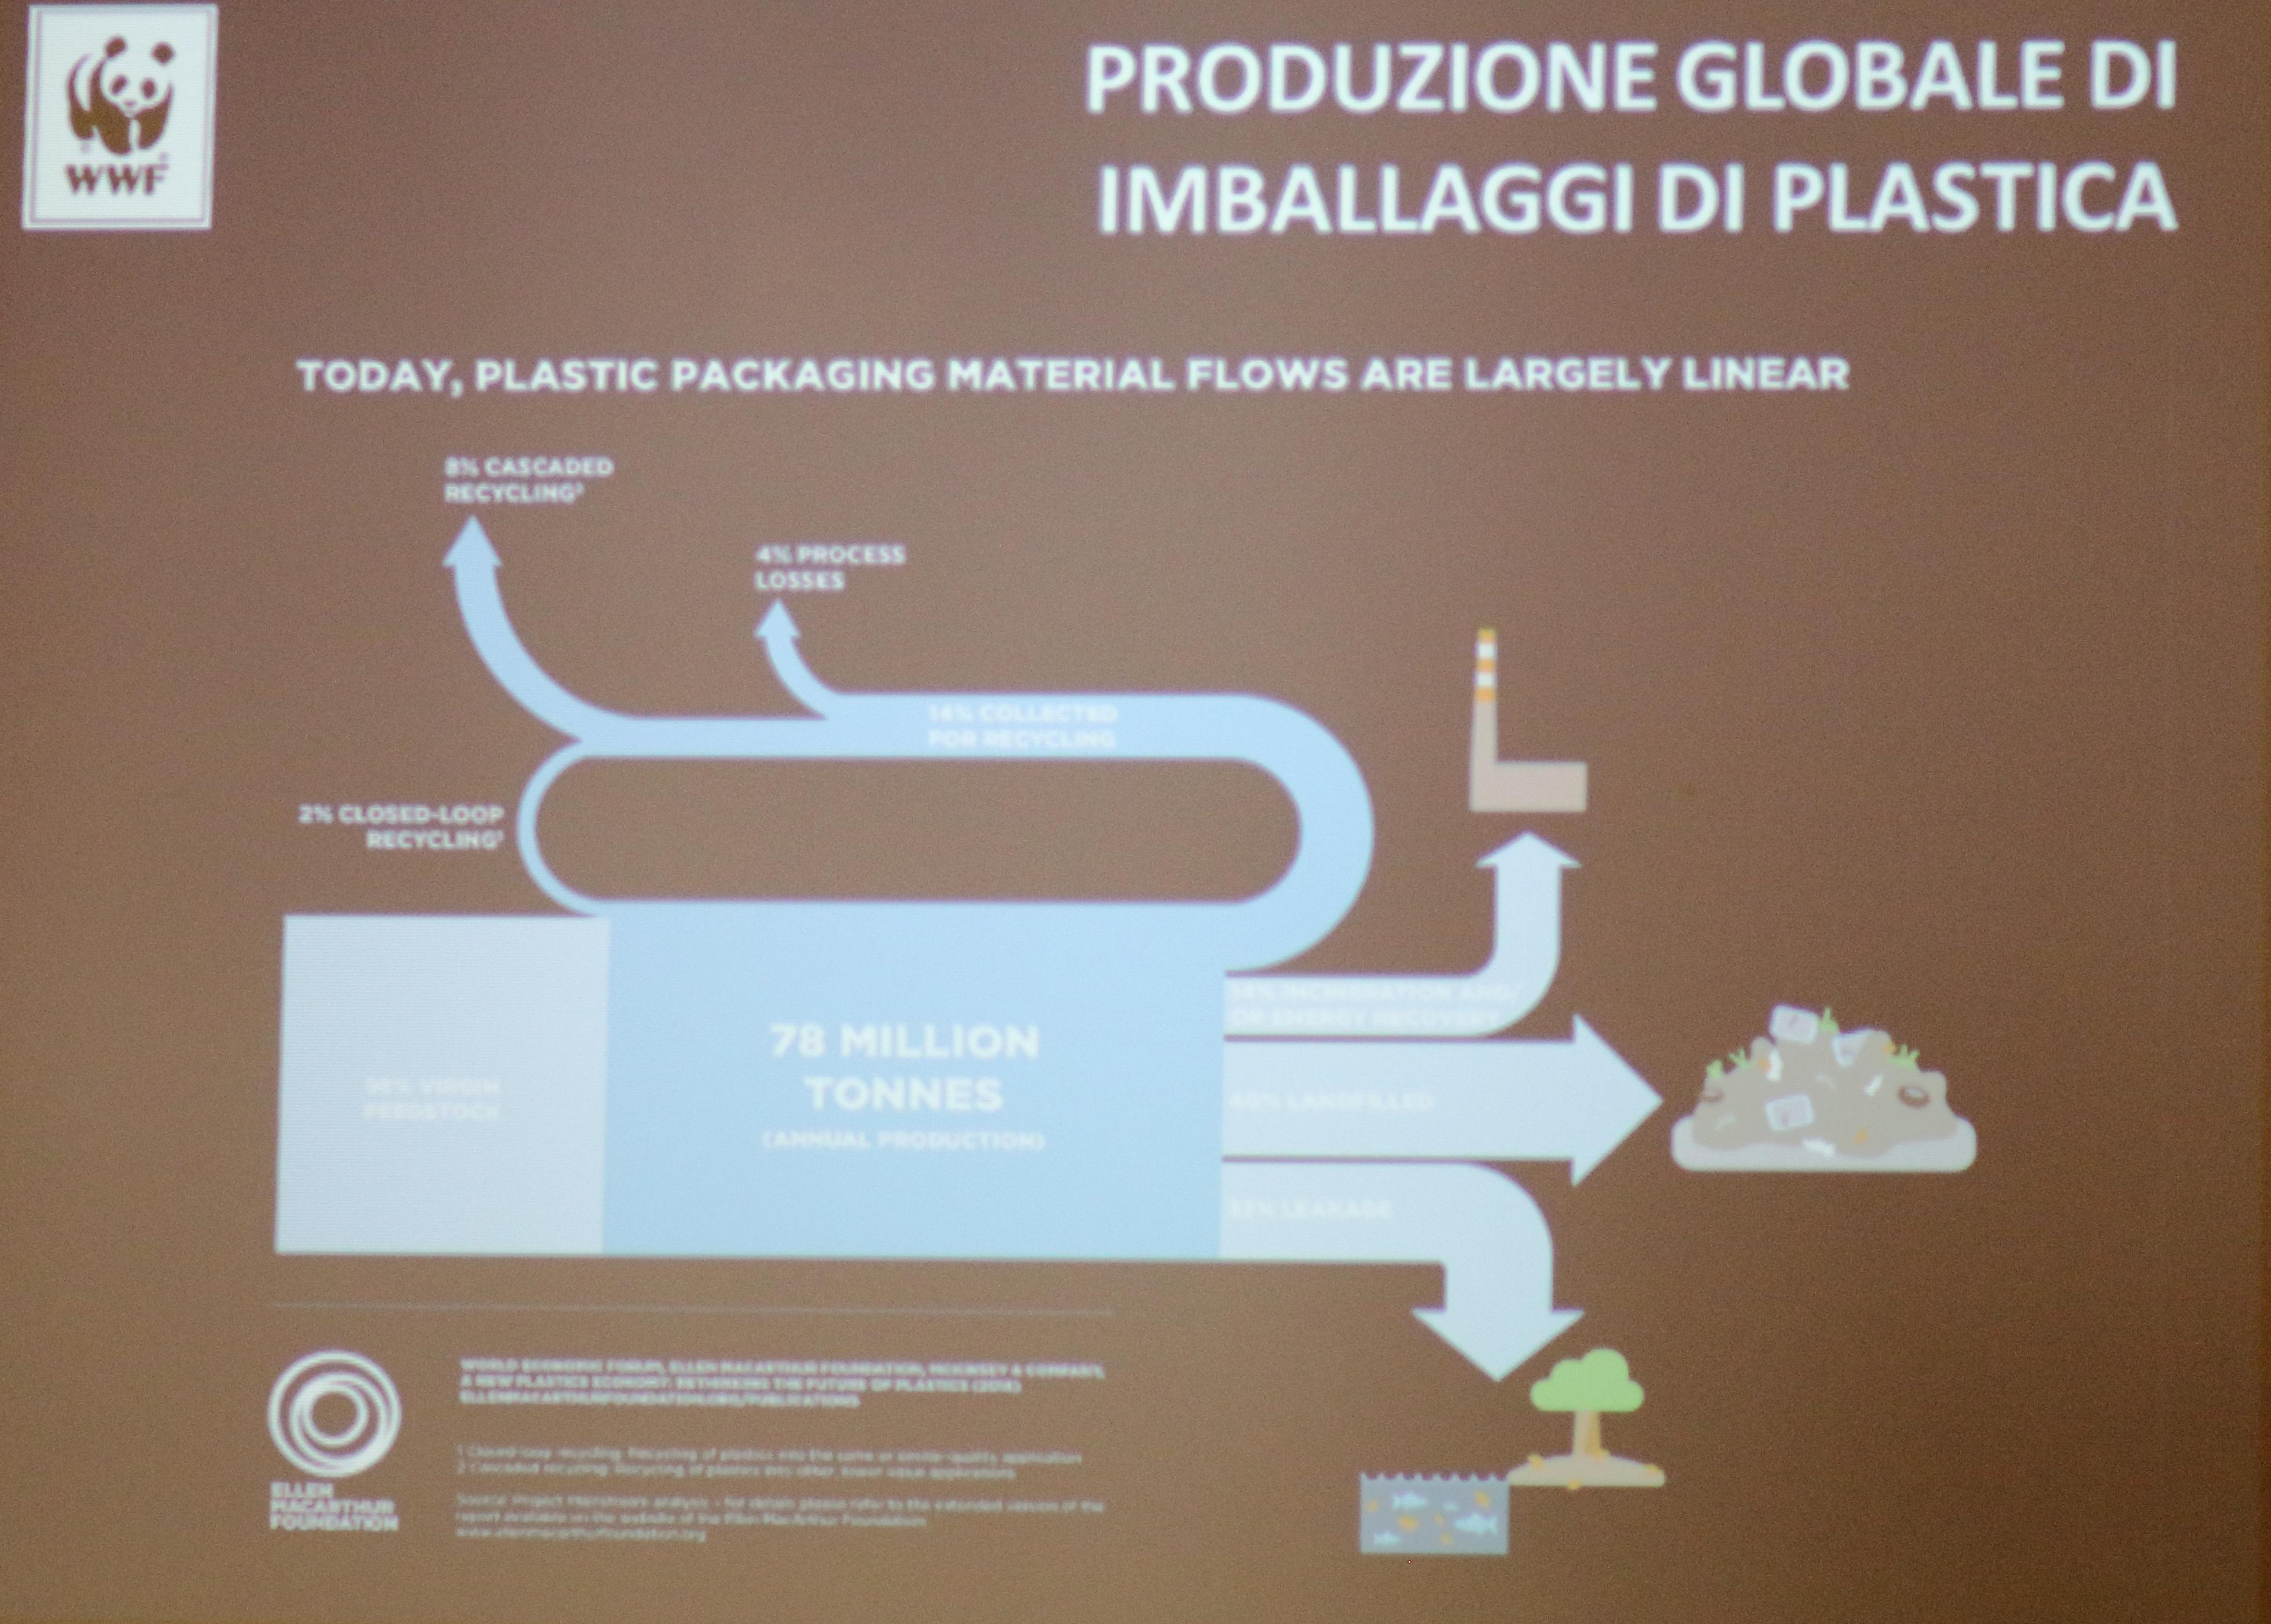 WWF Ciclo della plastica riciclata Pht Emanuela Gizzi Mapping Lucia